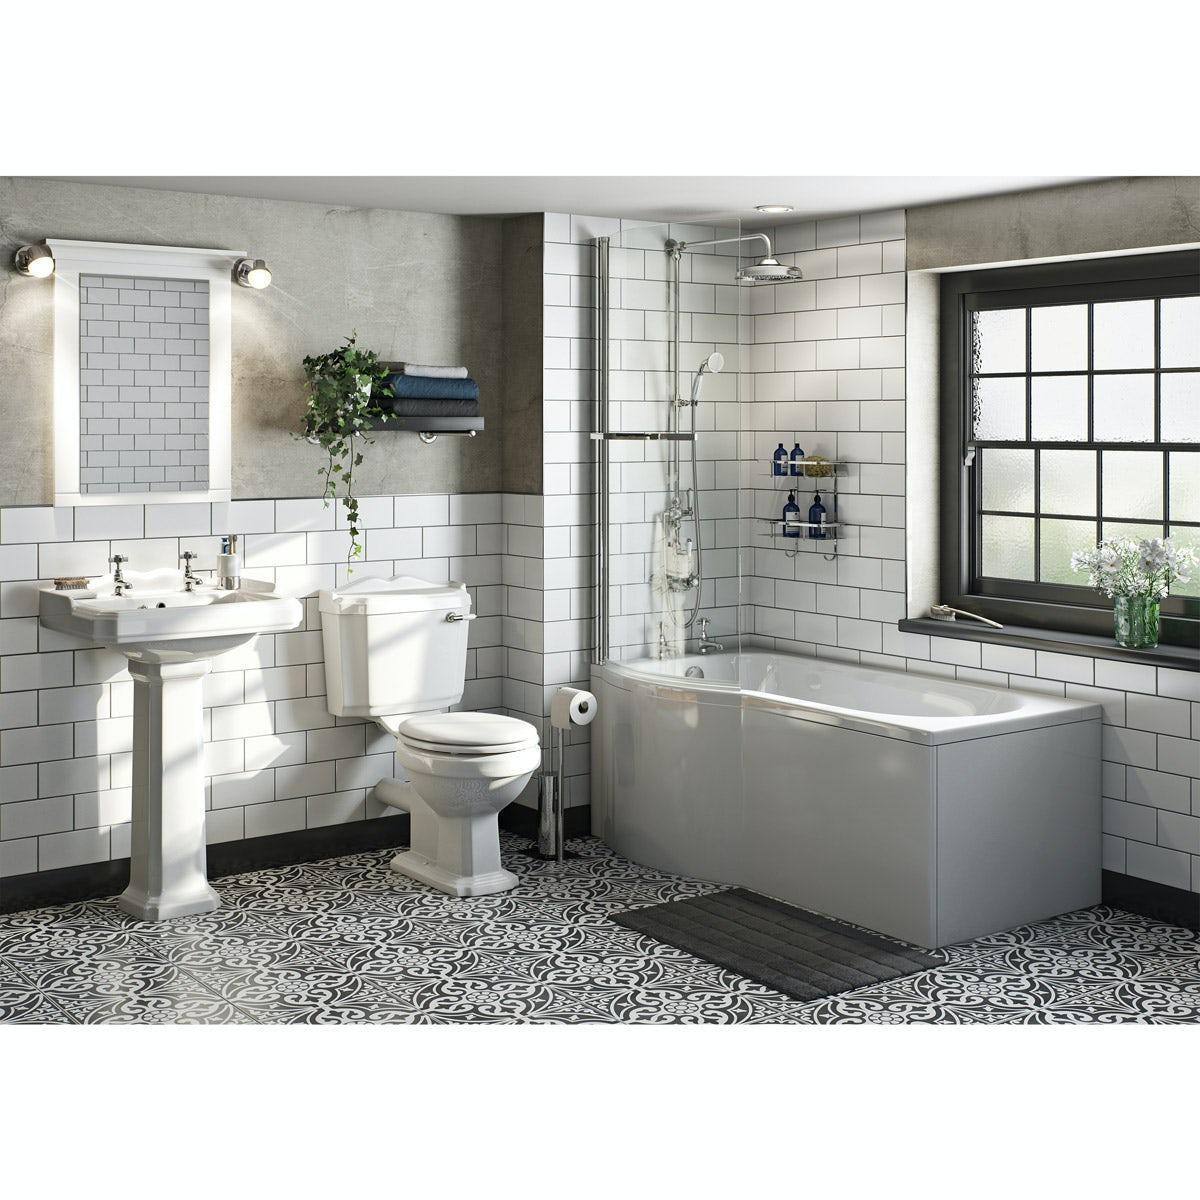 1675 Shower Bath Home Designs Inspiration